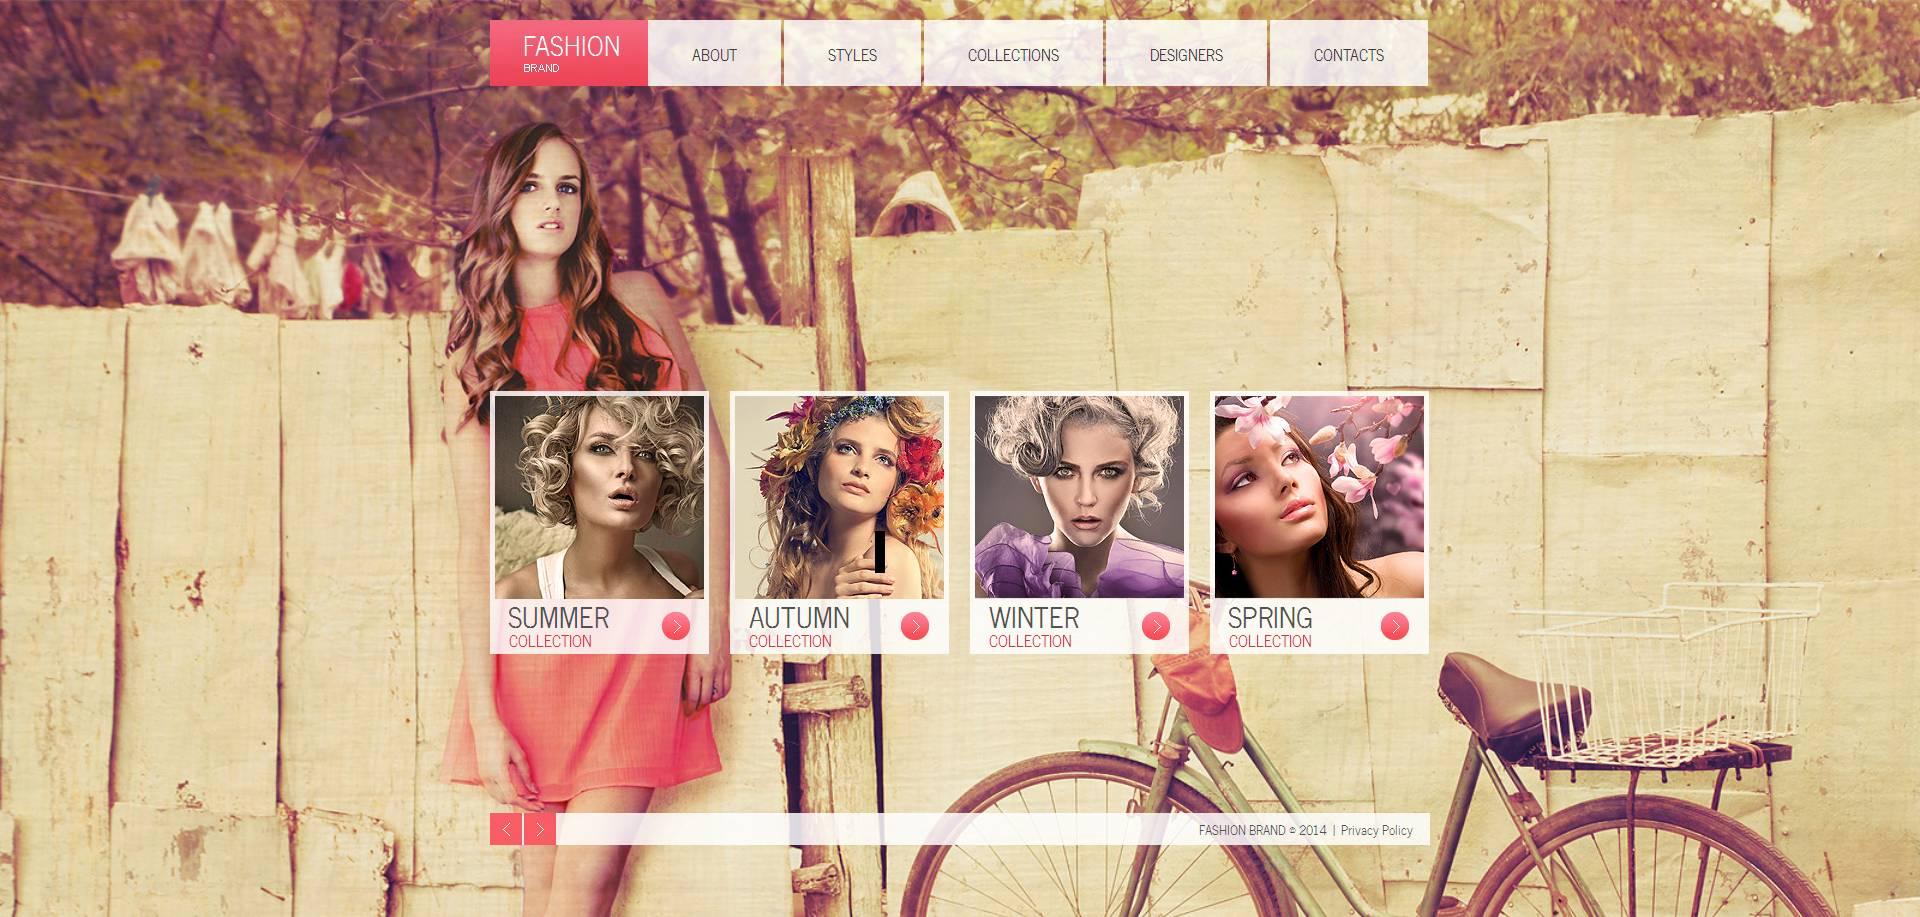 Modèle Moto CMS HTML Premium pour site de vêtements #48207